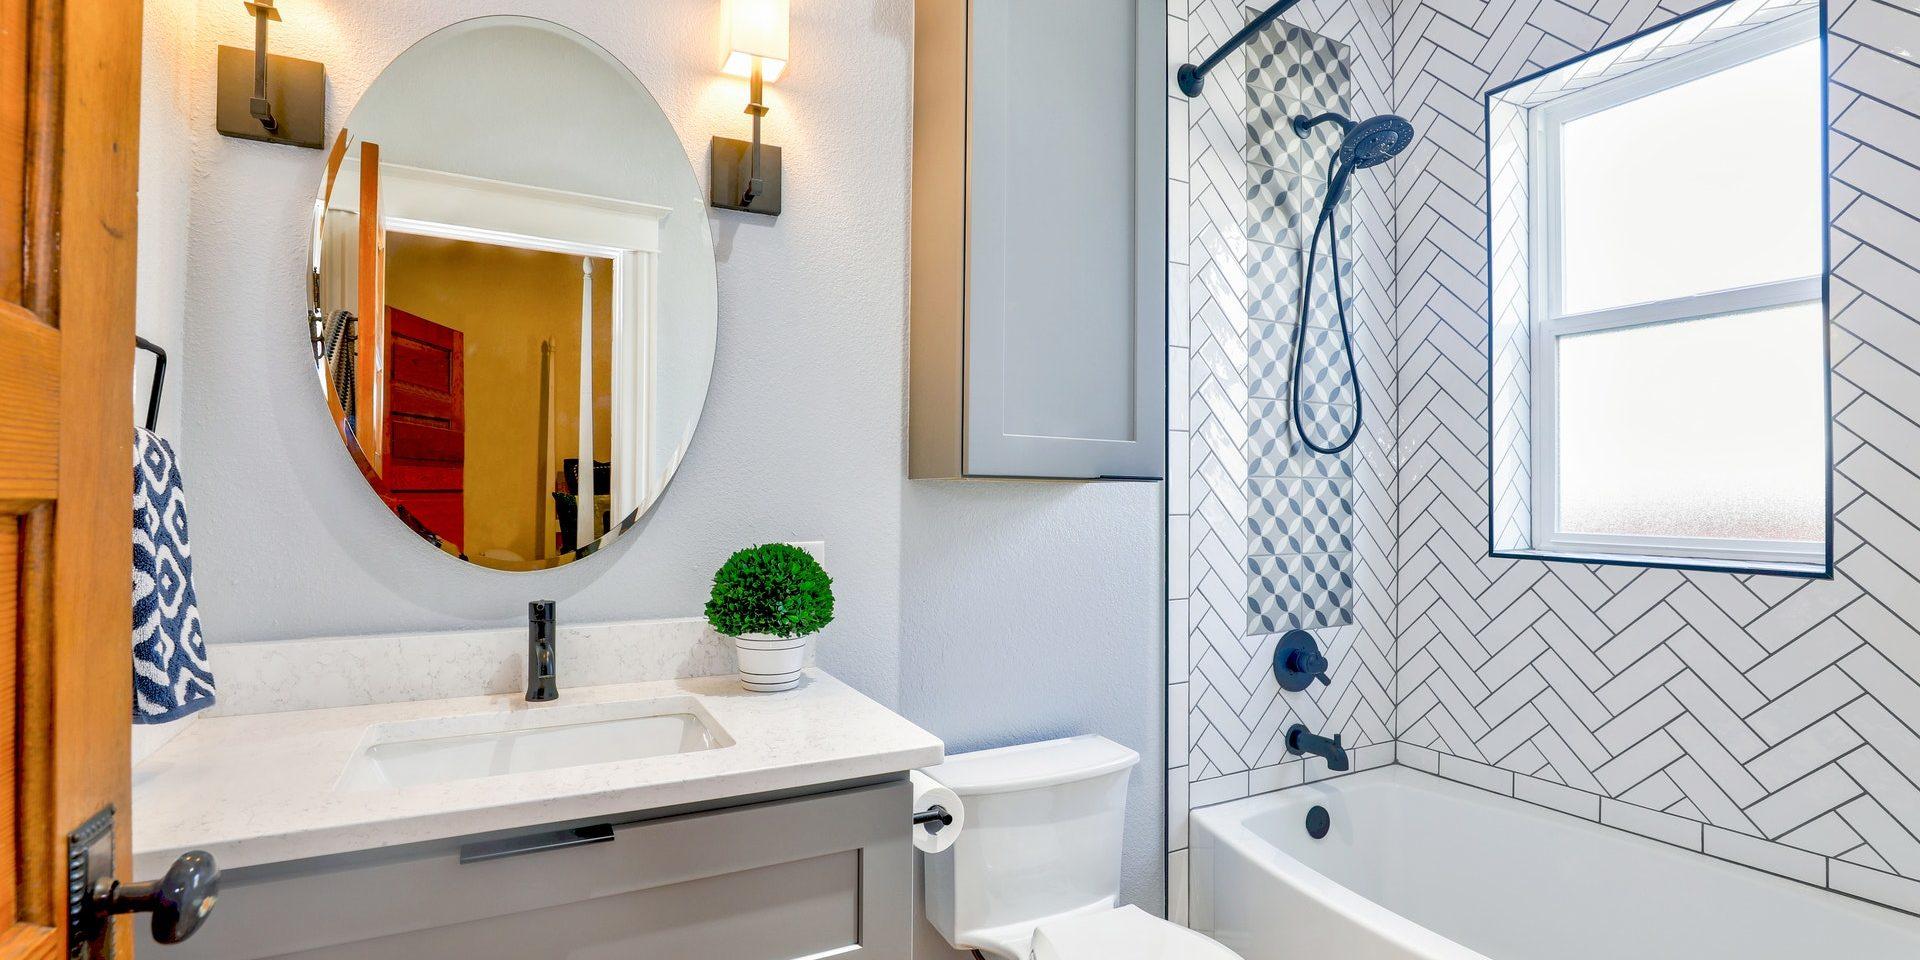 Jak zaaranżować małą łazienkę?